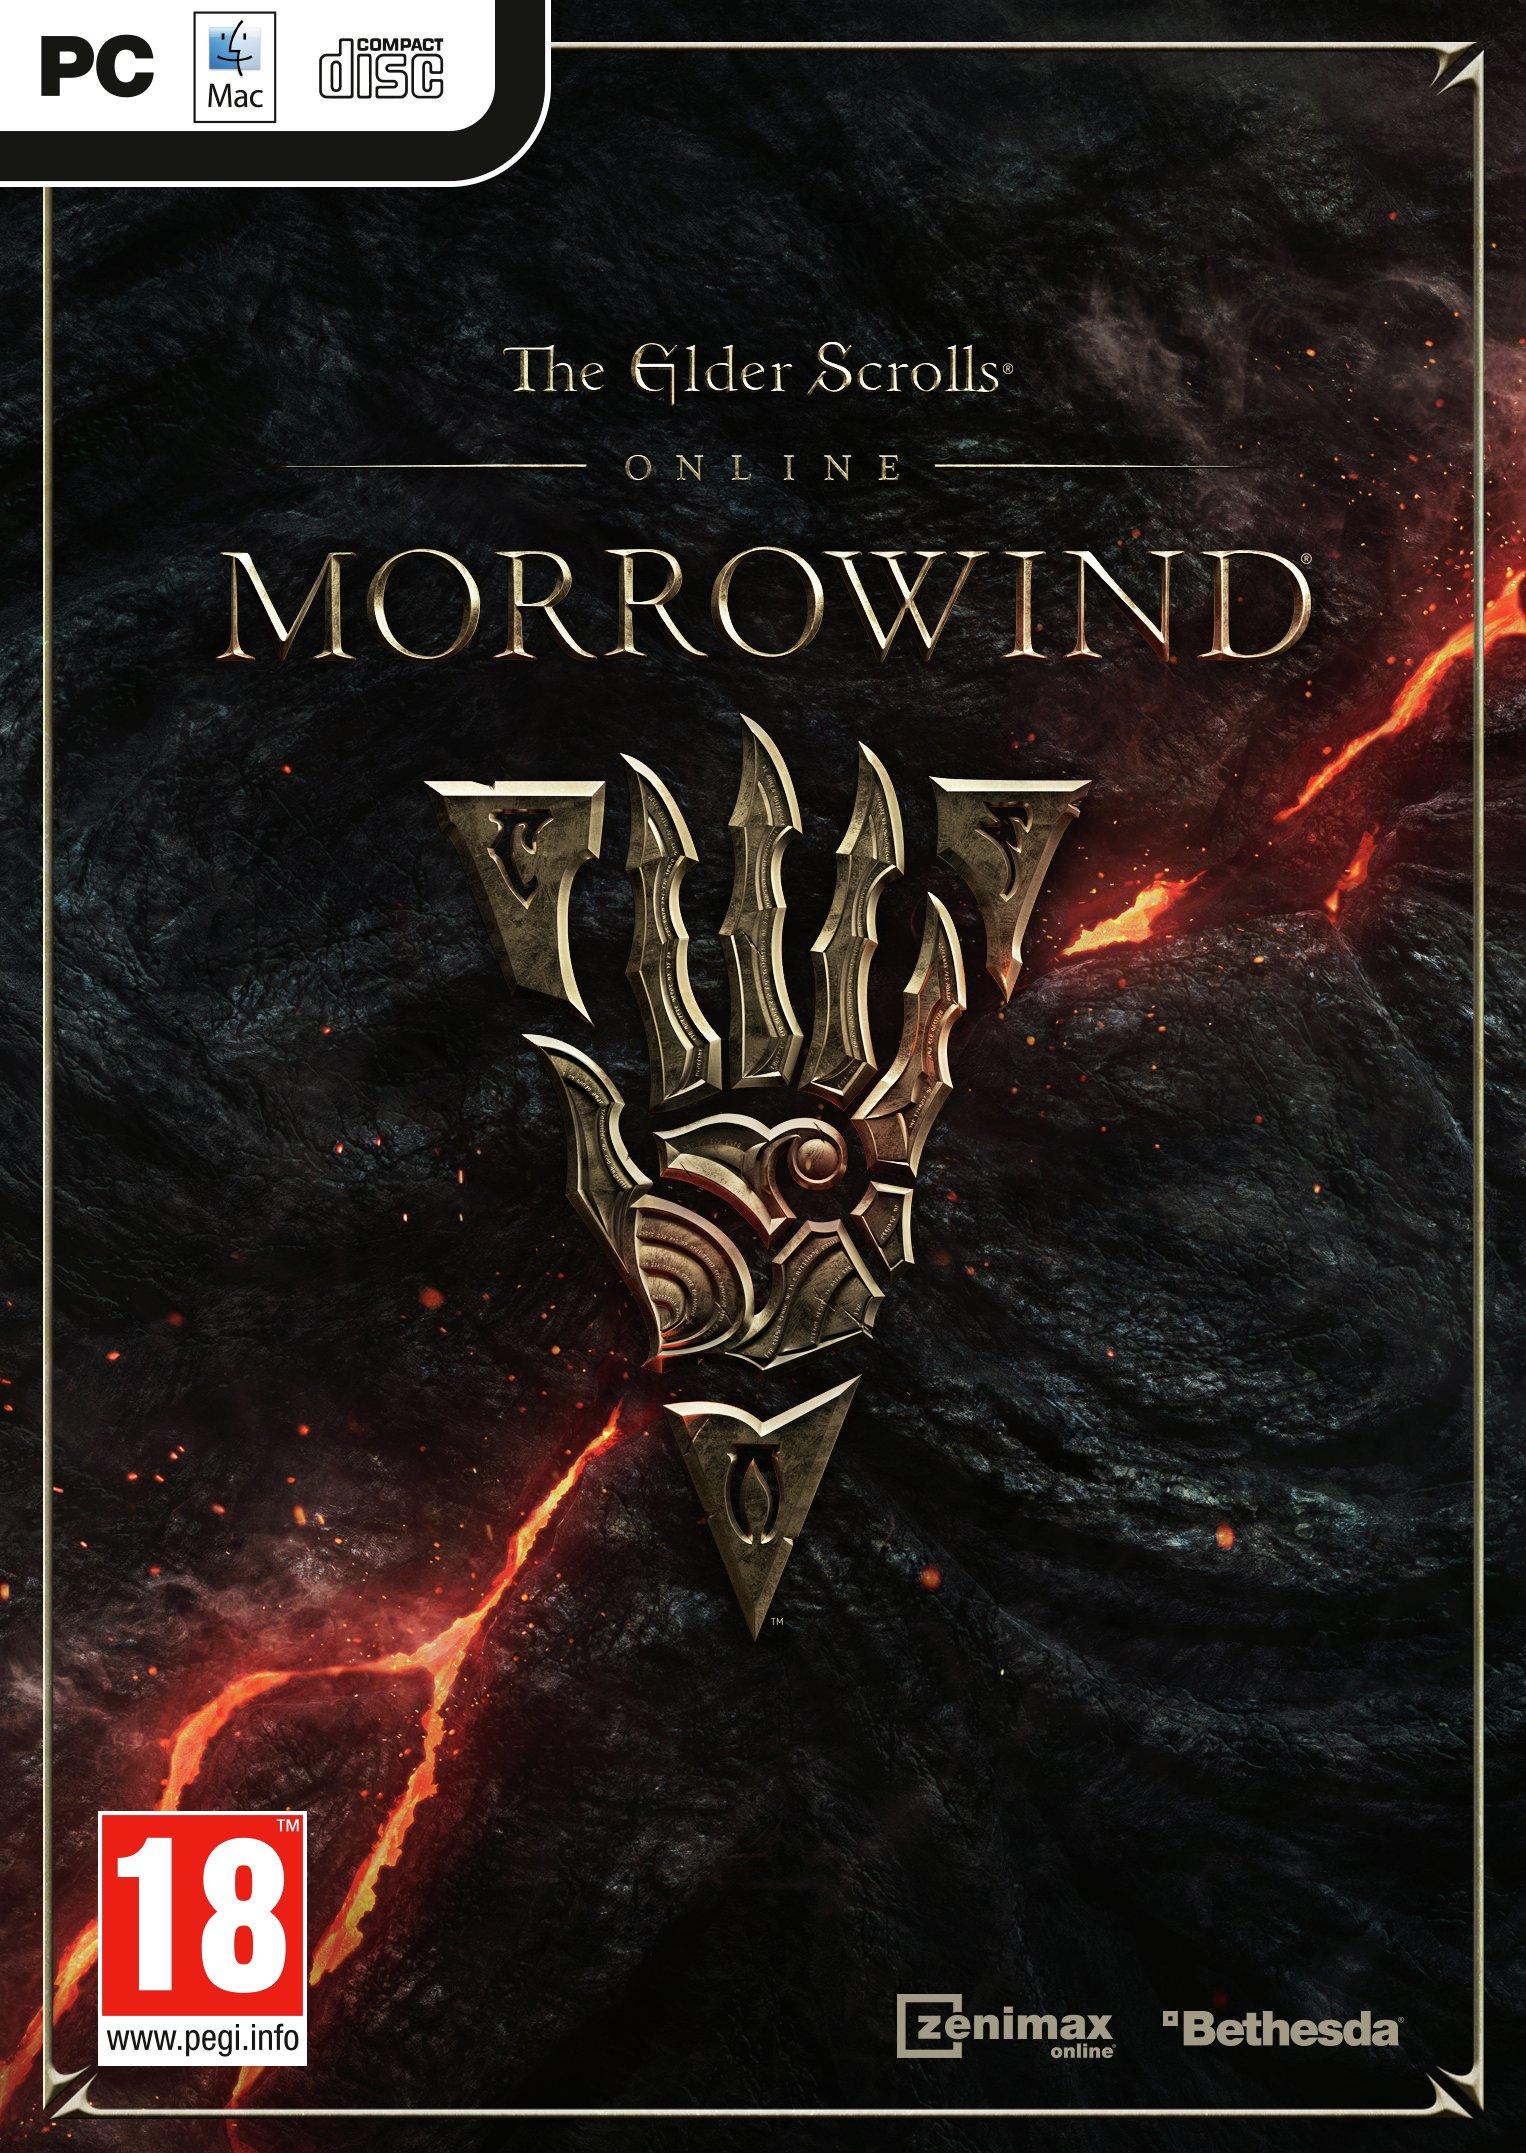 Image of Elder Scrolls Morrowind PC Game